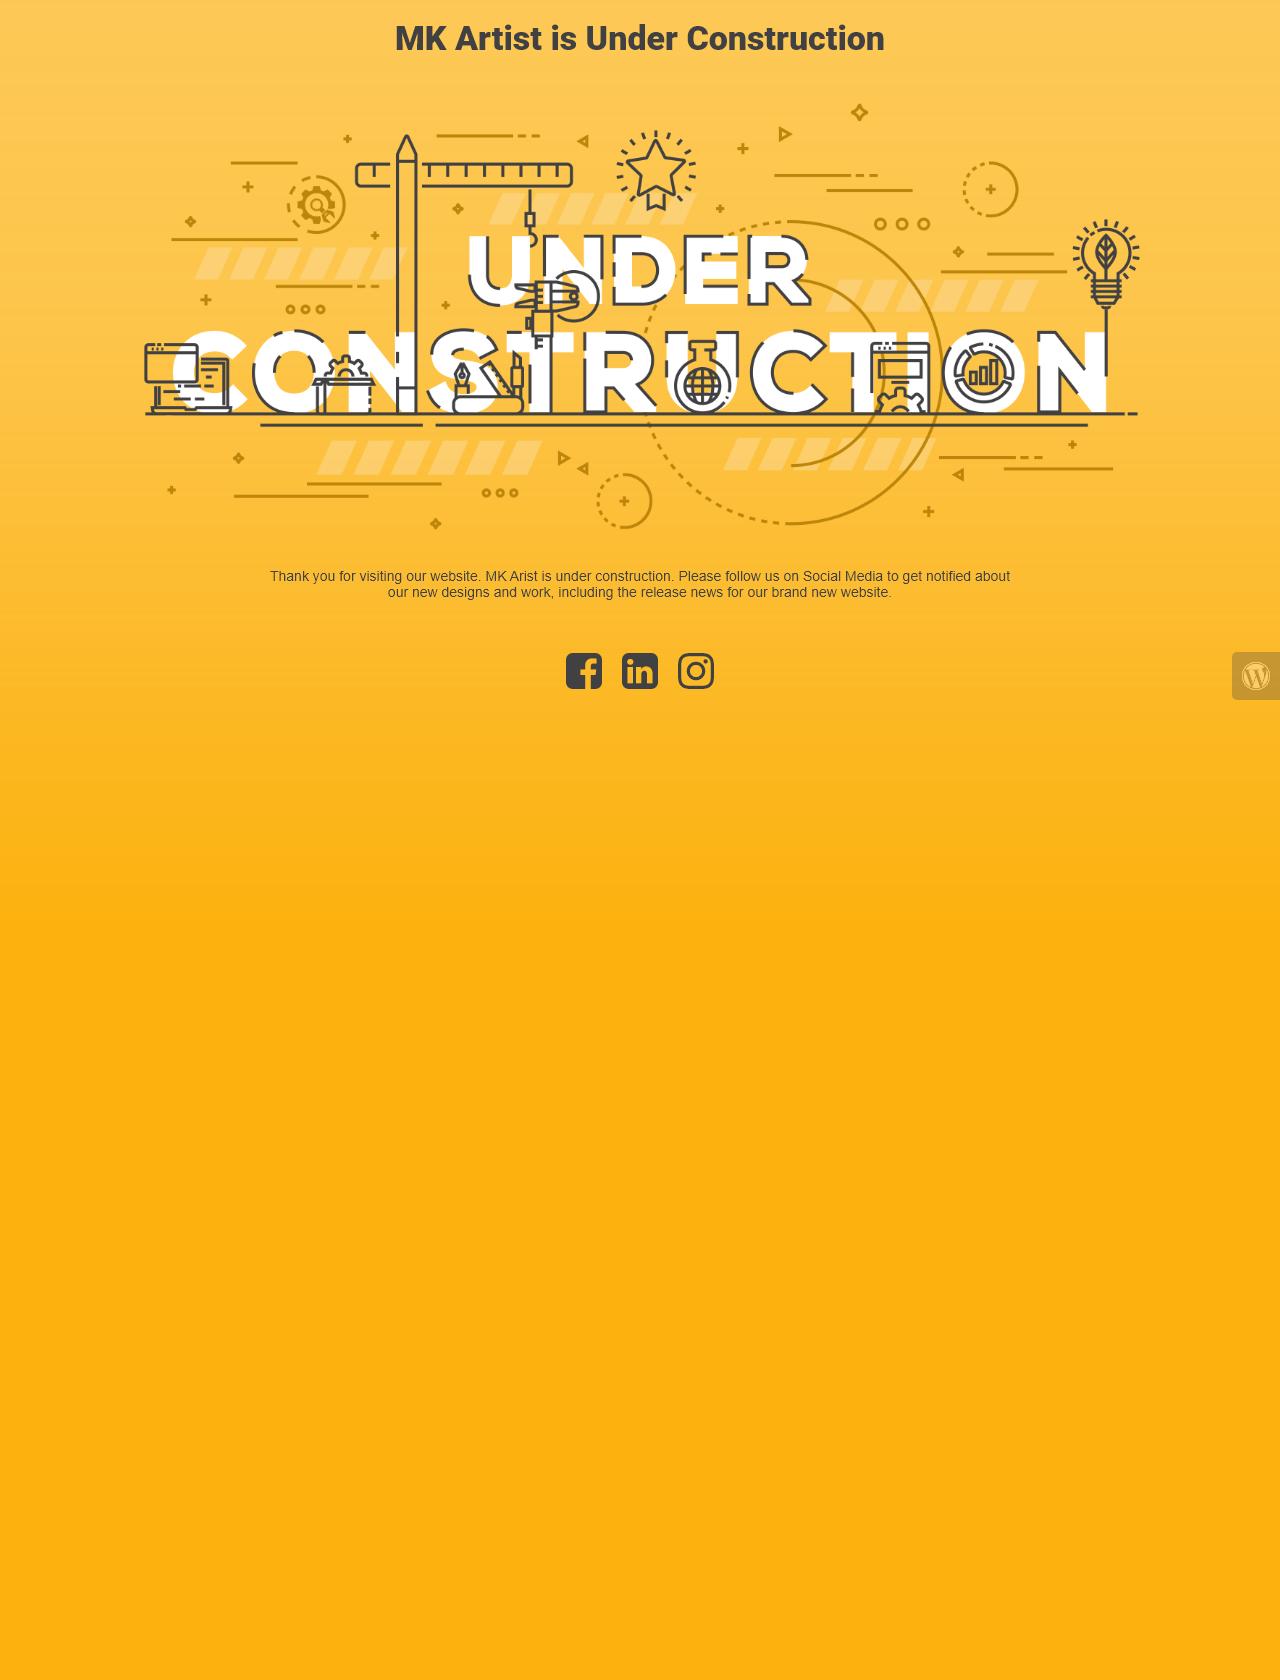 Screenshot Desktop - https://mkartist.co/